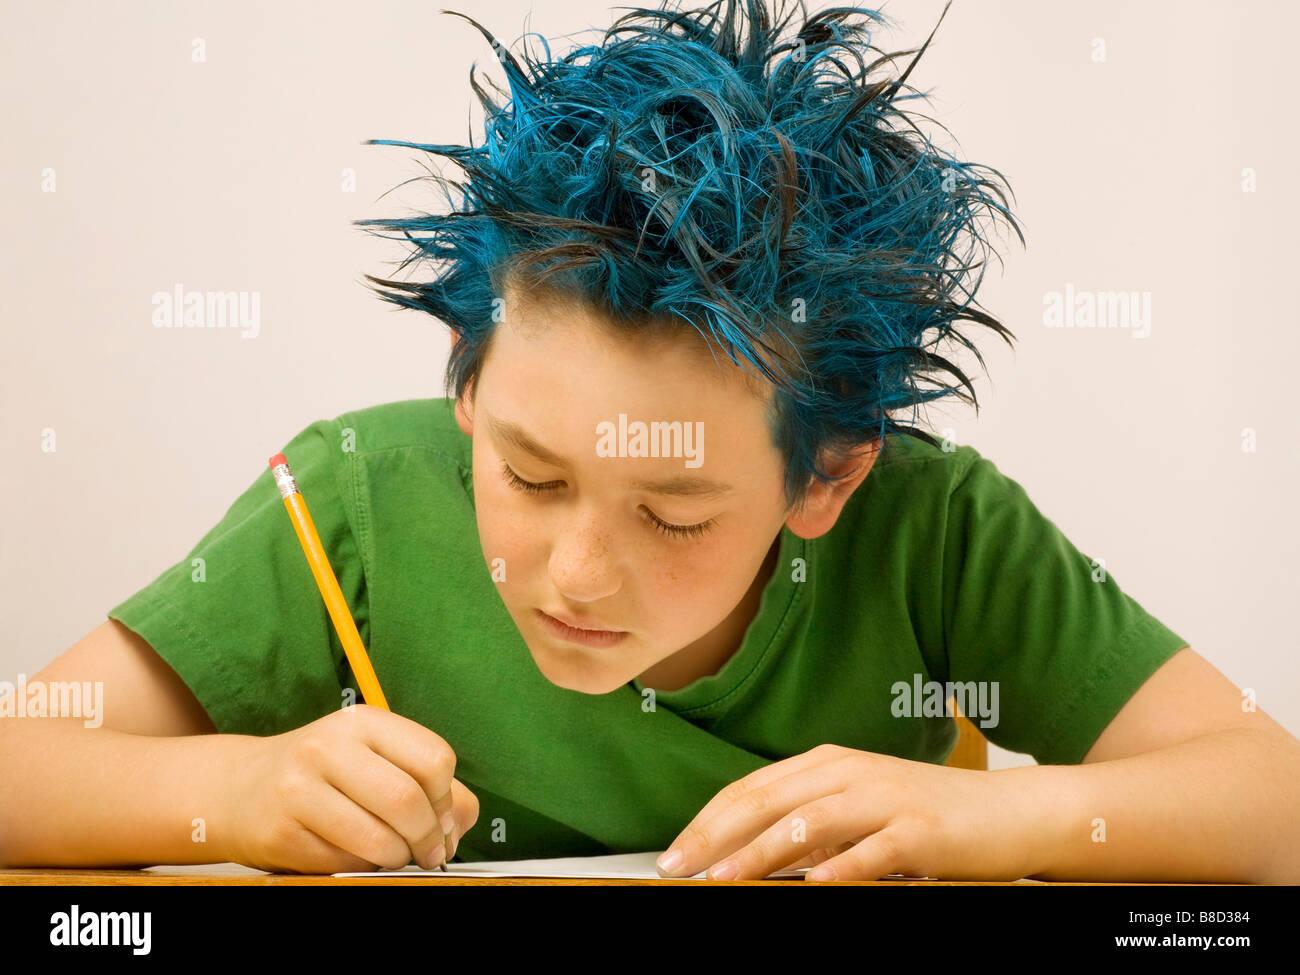 Garçon aux cheveux hérissés écrit bleu Photo Stock